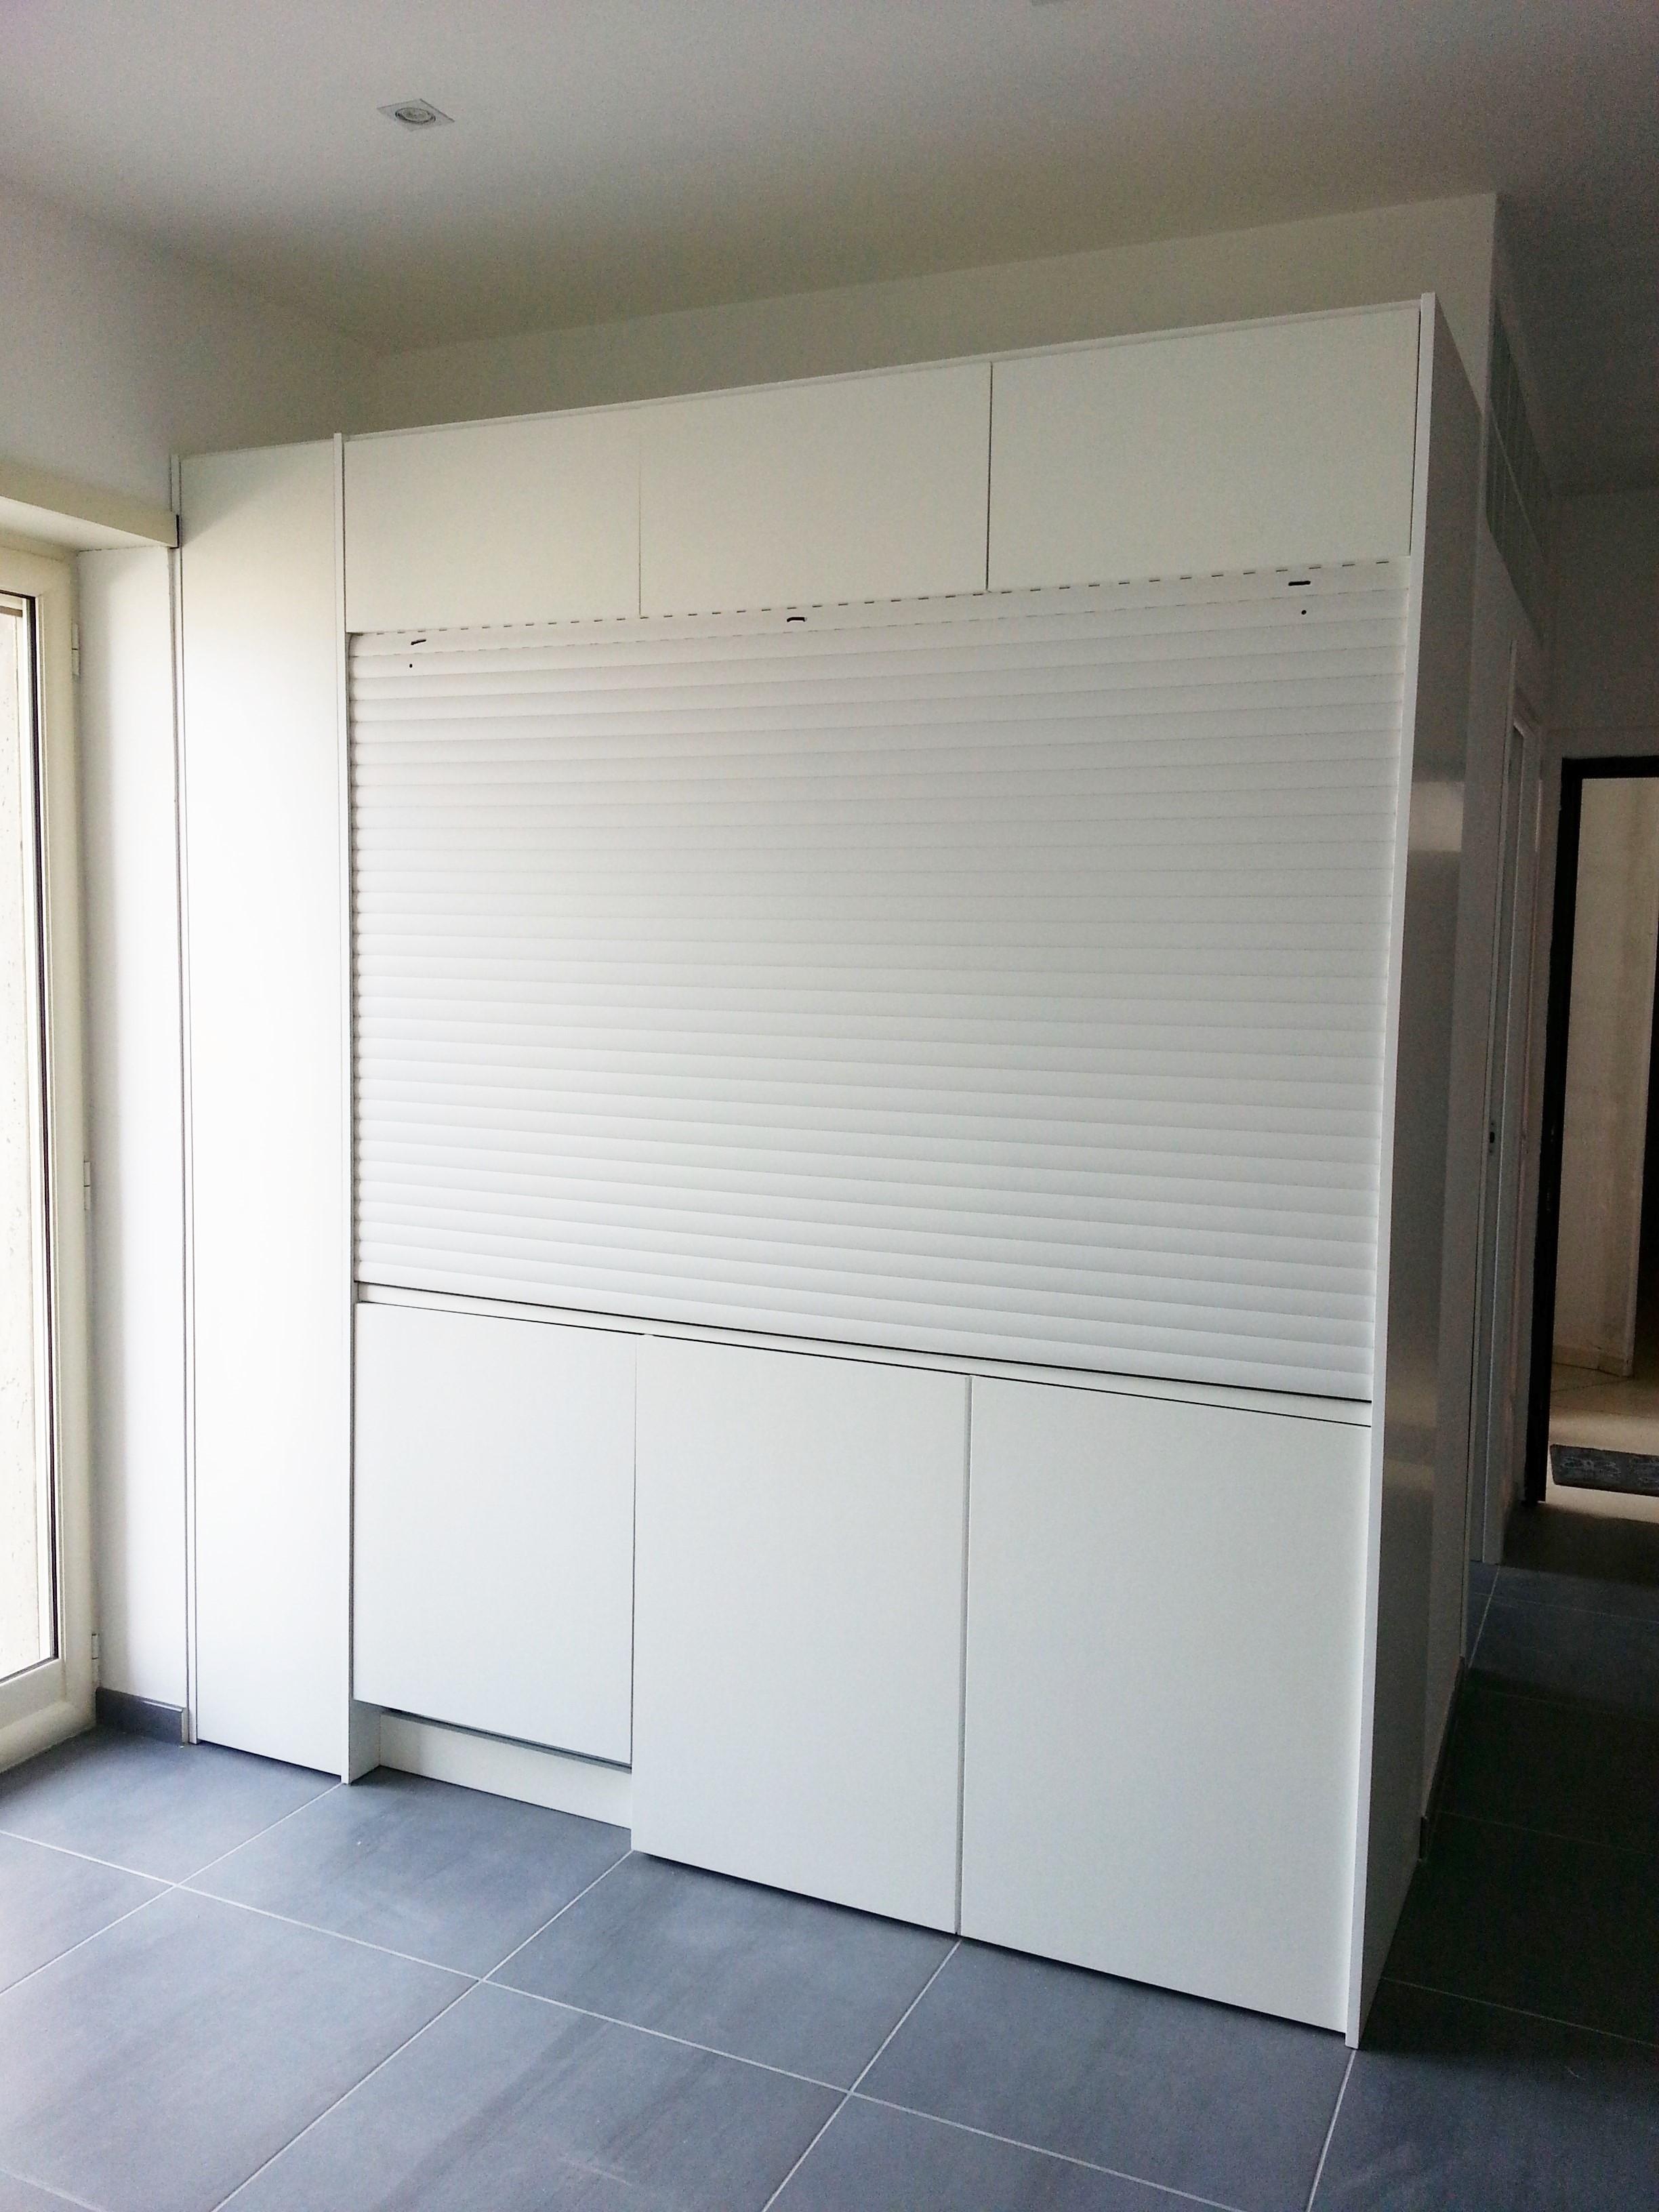 Cucina completa di tutto lavastoviglia forno in armadio compact ...